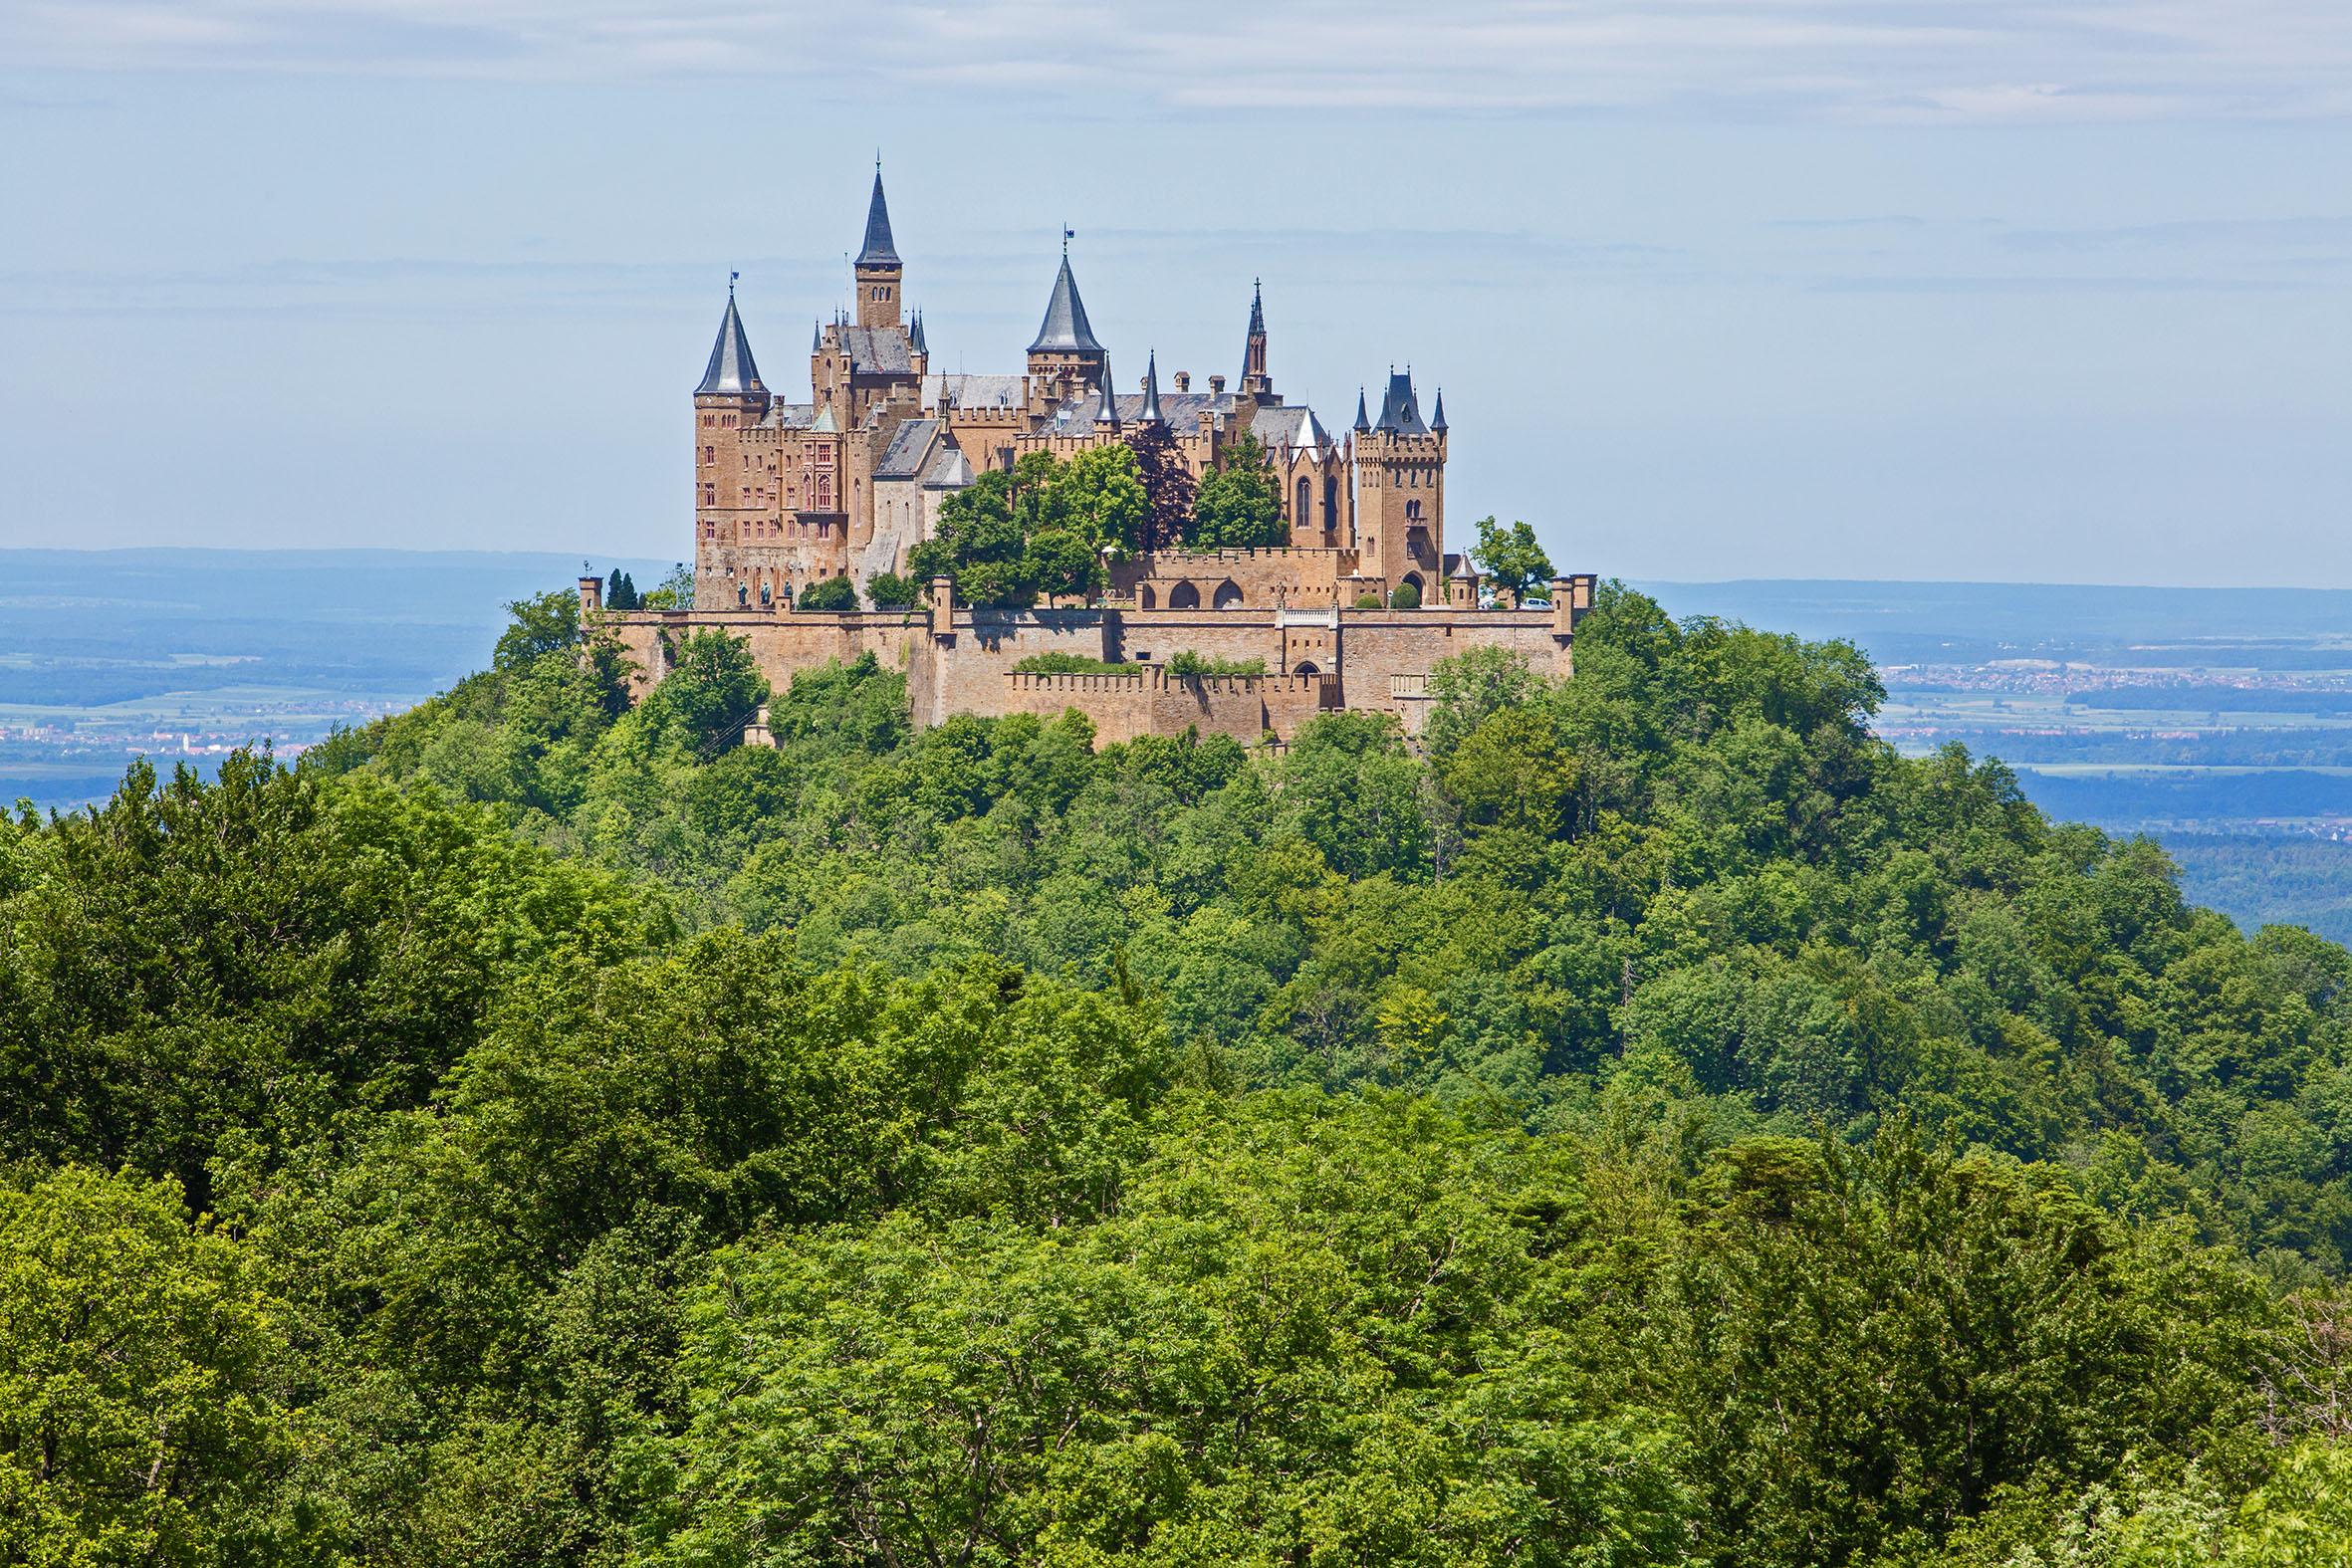 山上にそびえるホーエンツォレルン城